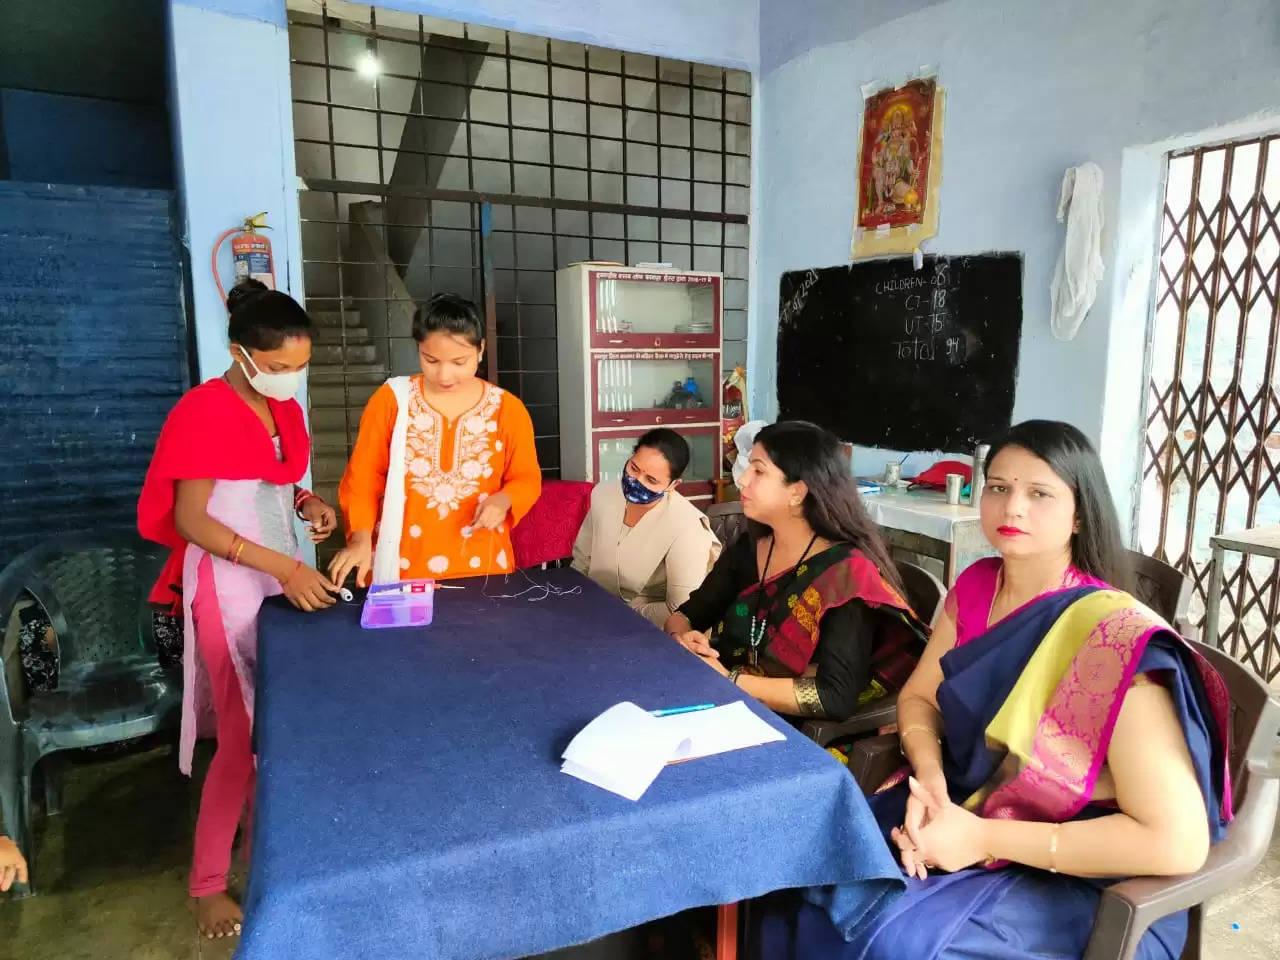 परिधि सेवा संस्थान एवं नव गणेशा फाउंडेशन के द्वारा कानपुर नगर की महिला बैरक में प्रशिक्षण कार्यक्रम का शुभारंभ